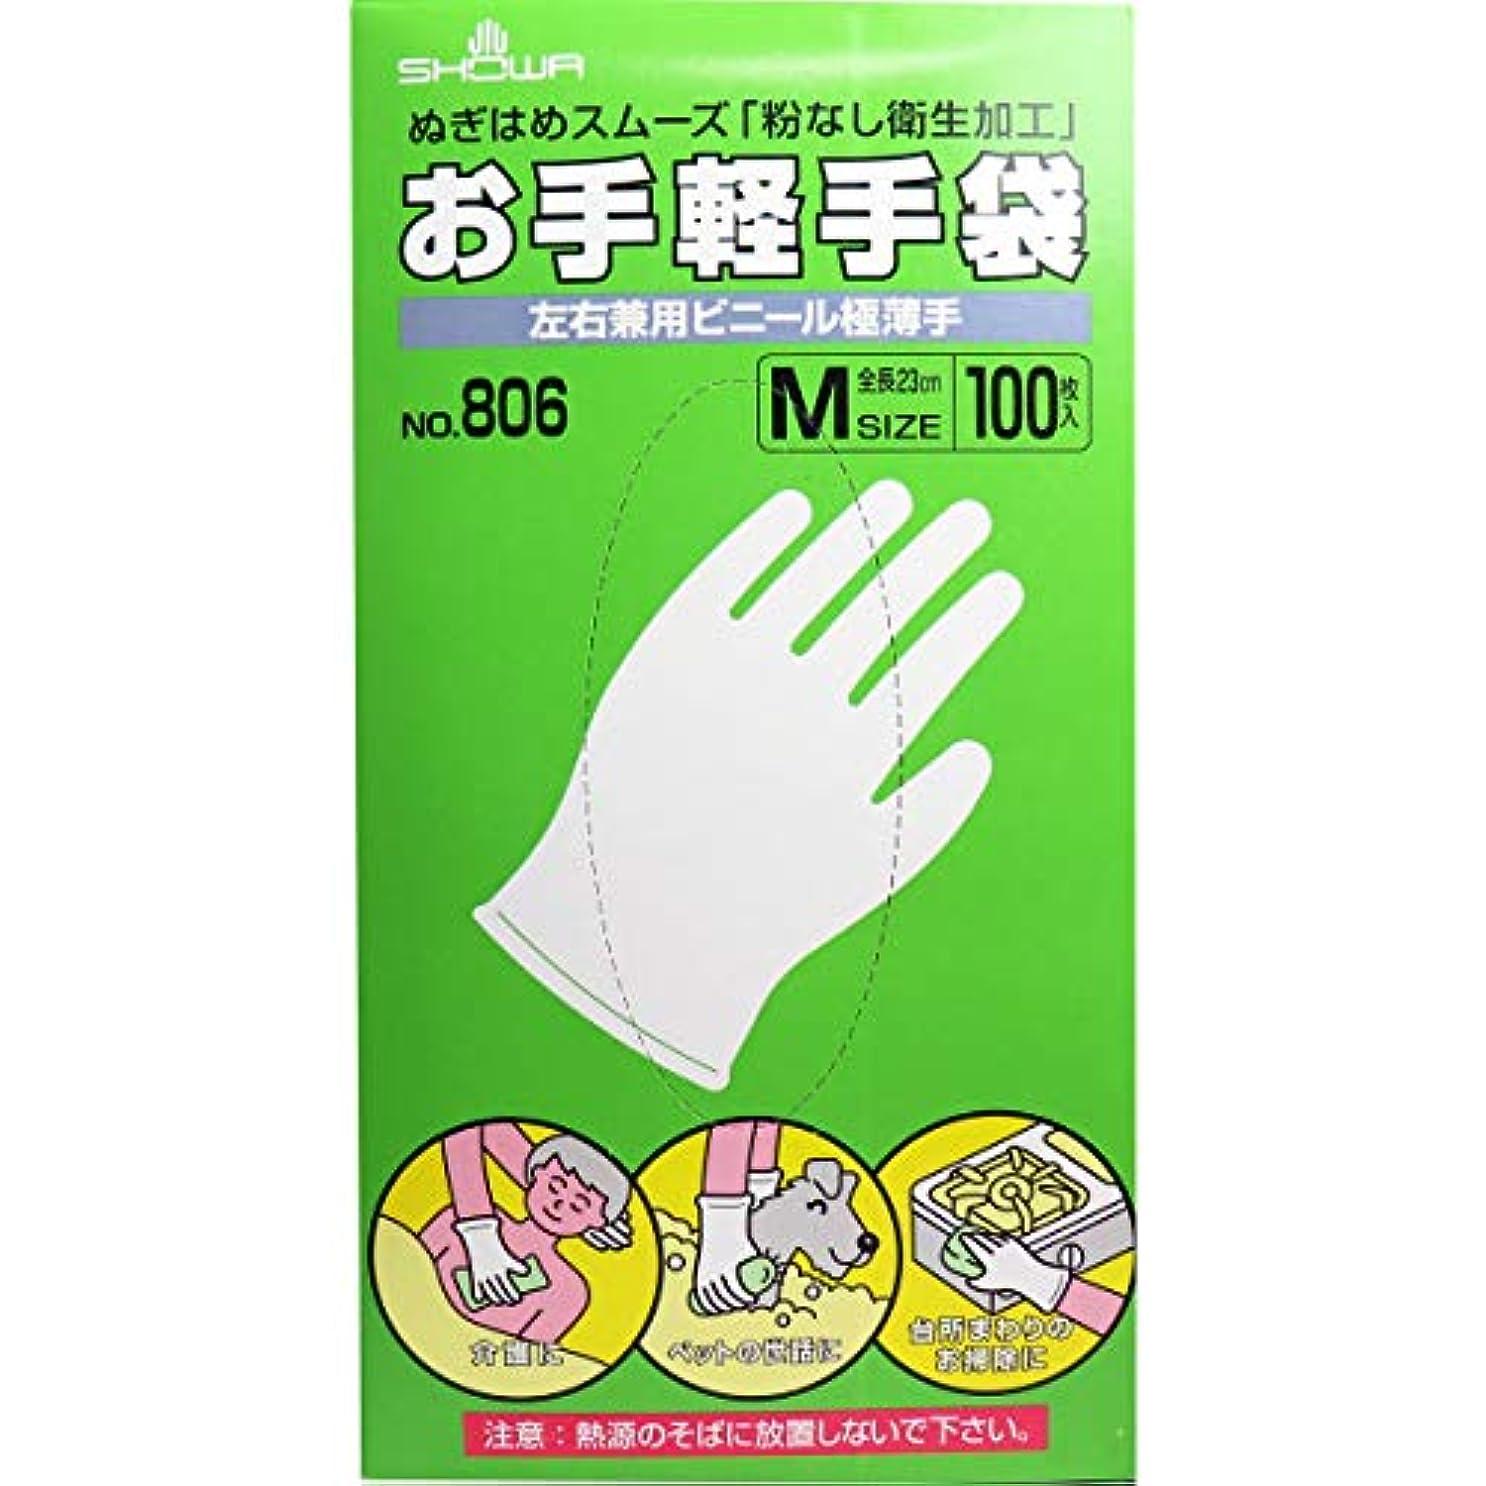 アプローチ侵入する区画お手軽手袋 No.806 左右兼用ビニール極薄手 粉なし Mサイズ 100枚入×10個セット